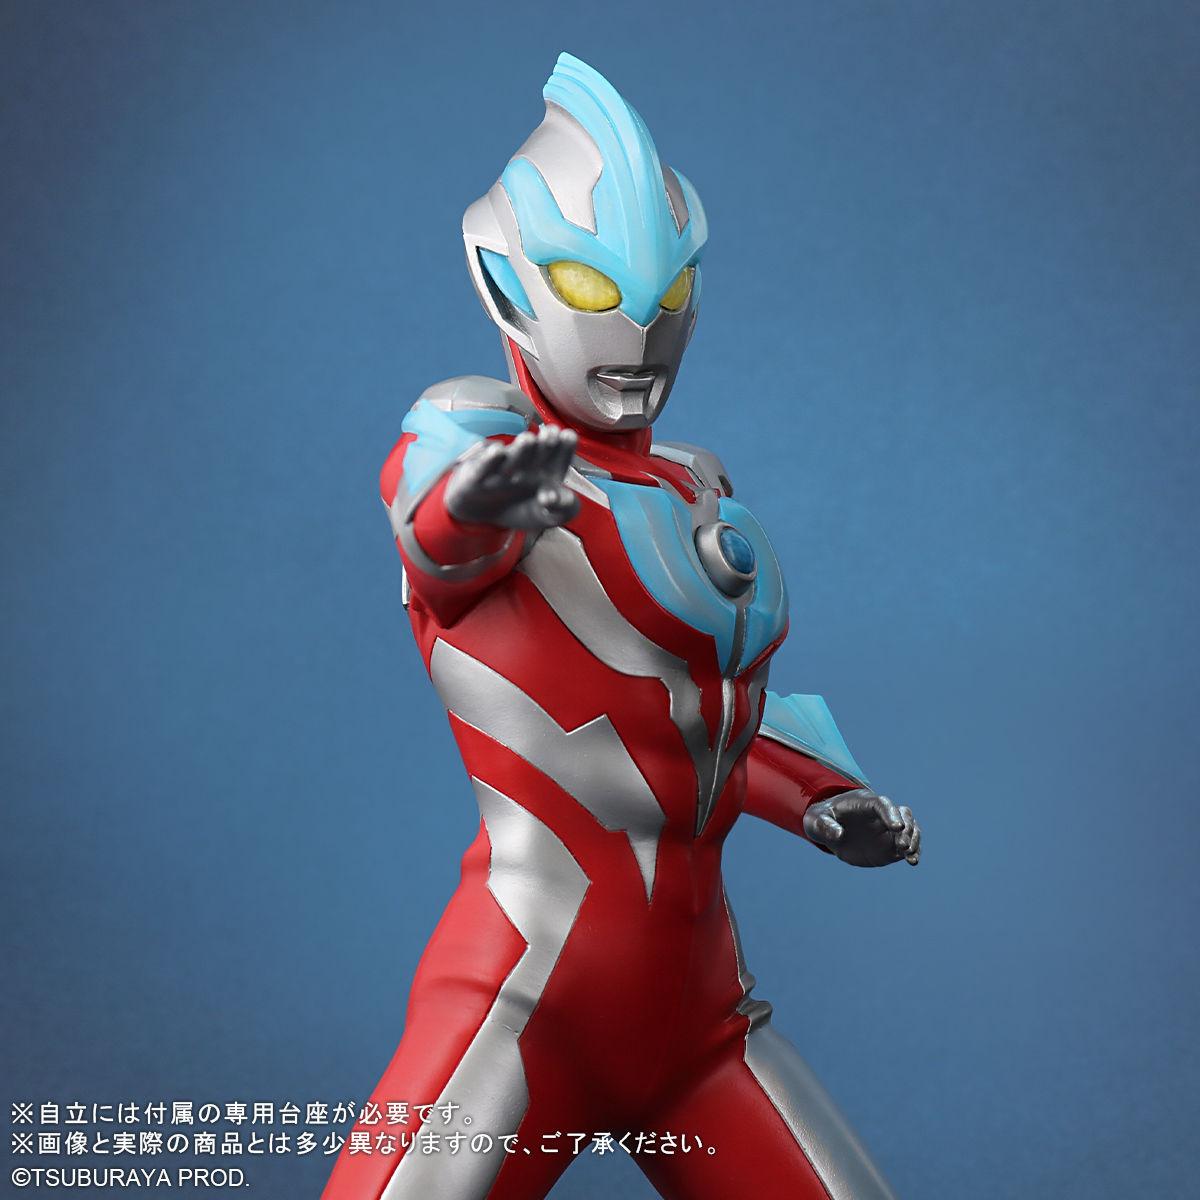 大怪獣シリーズ ULTRA NEW GENERATION『ウルトラマンギンガ』完成品フィギュア-004